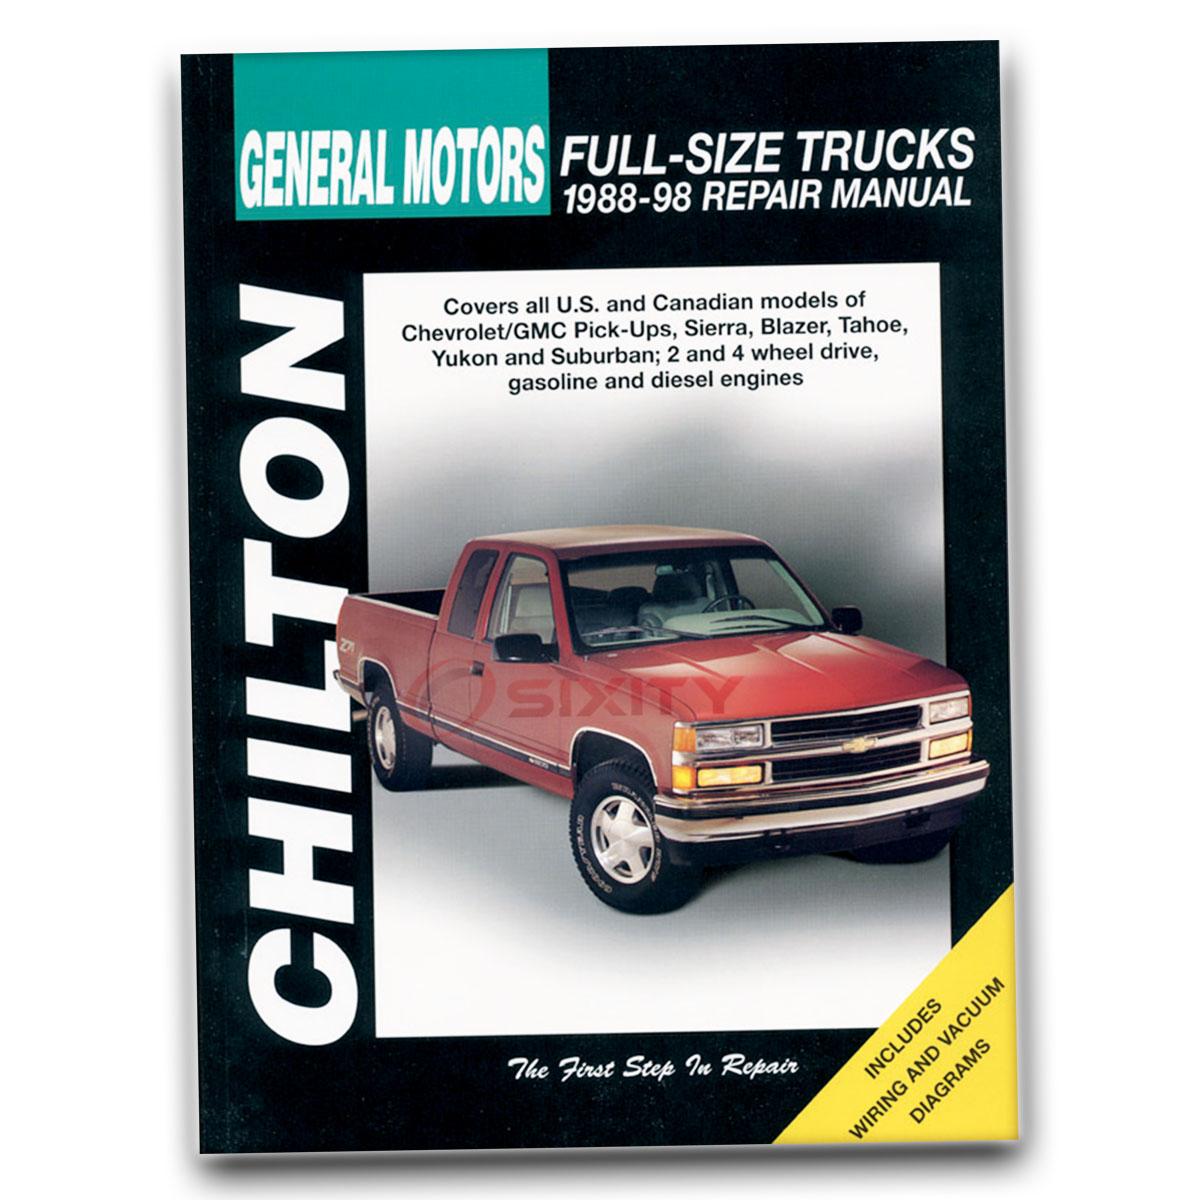 chevy blazer chilton repair manual silverado base scottsdale rh ebay com 2002 Chevy Trailblazer 1999 chevy blazer haynes manual